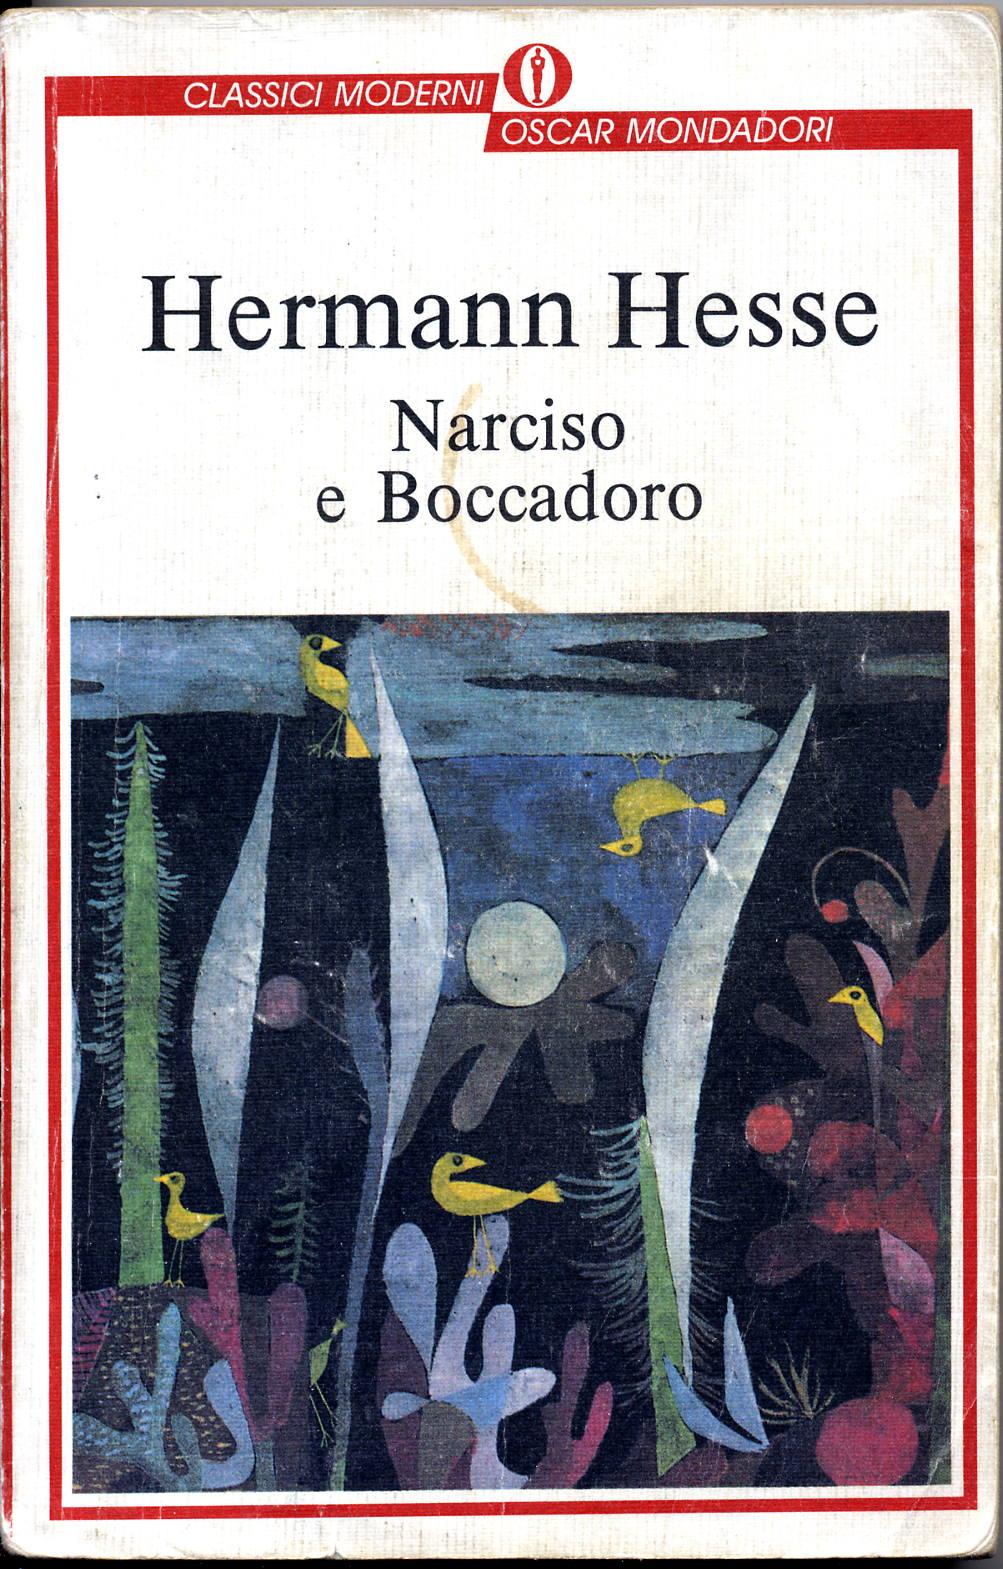 H. HESSE, Narciso e Boccadoro - Milano, 1989